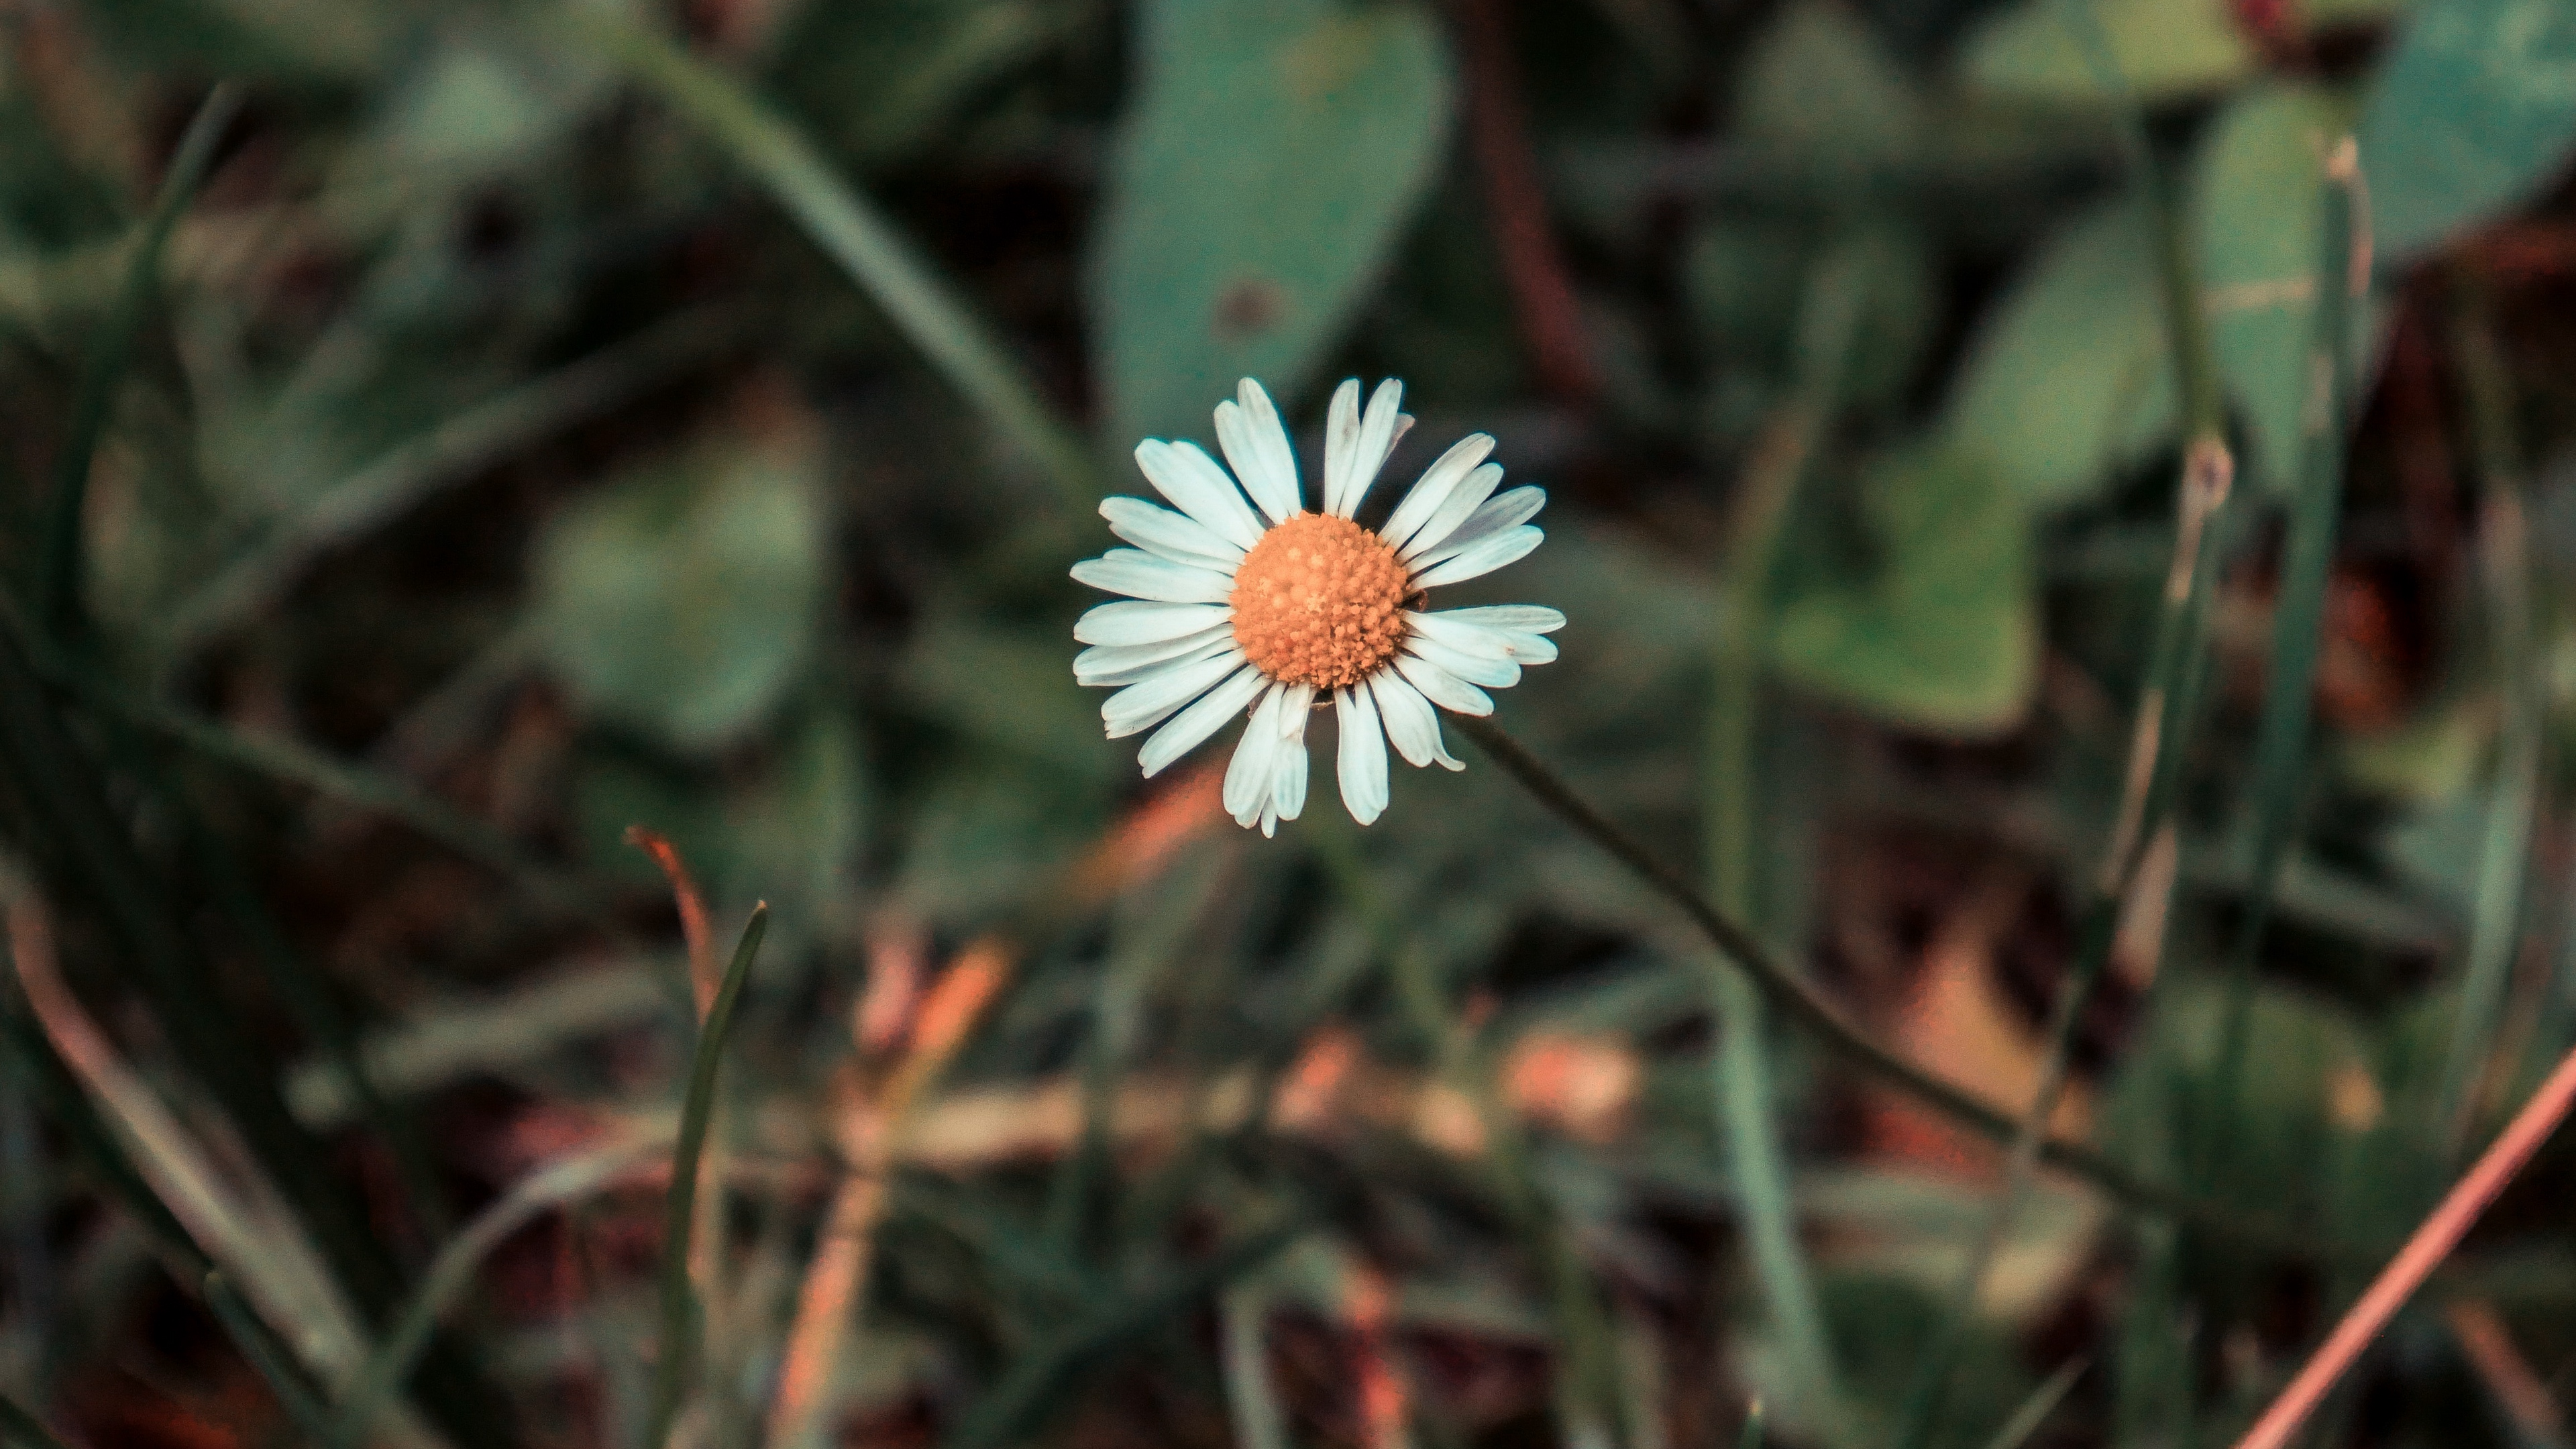 chamomile flower field flower blur 4k 1540064153 - chamomile, flower, field flower, blur 4k - flower, field flower, chamomile